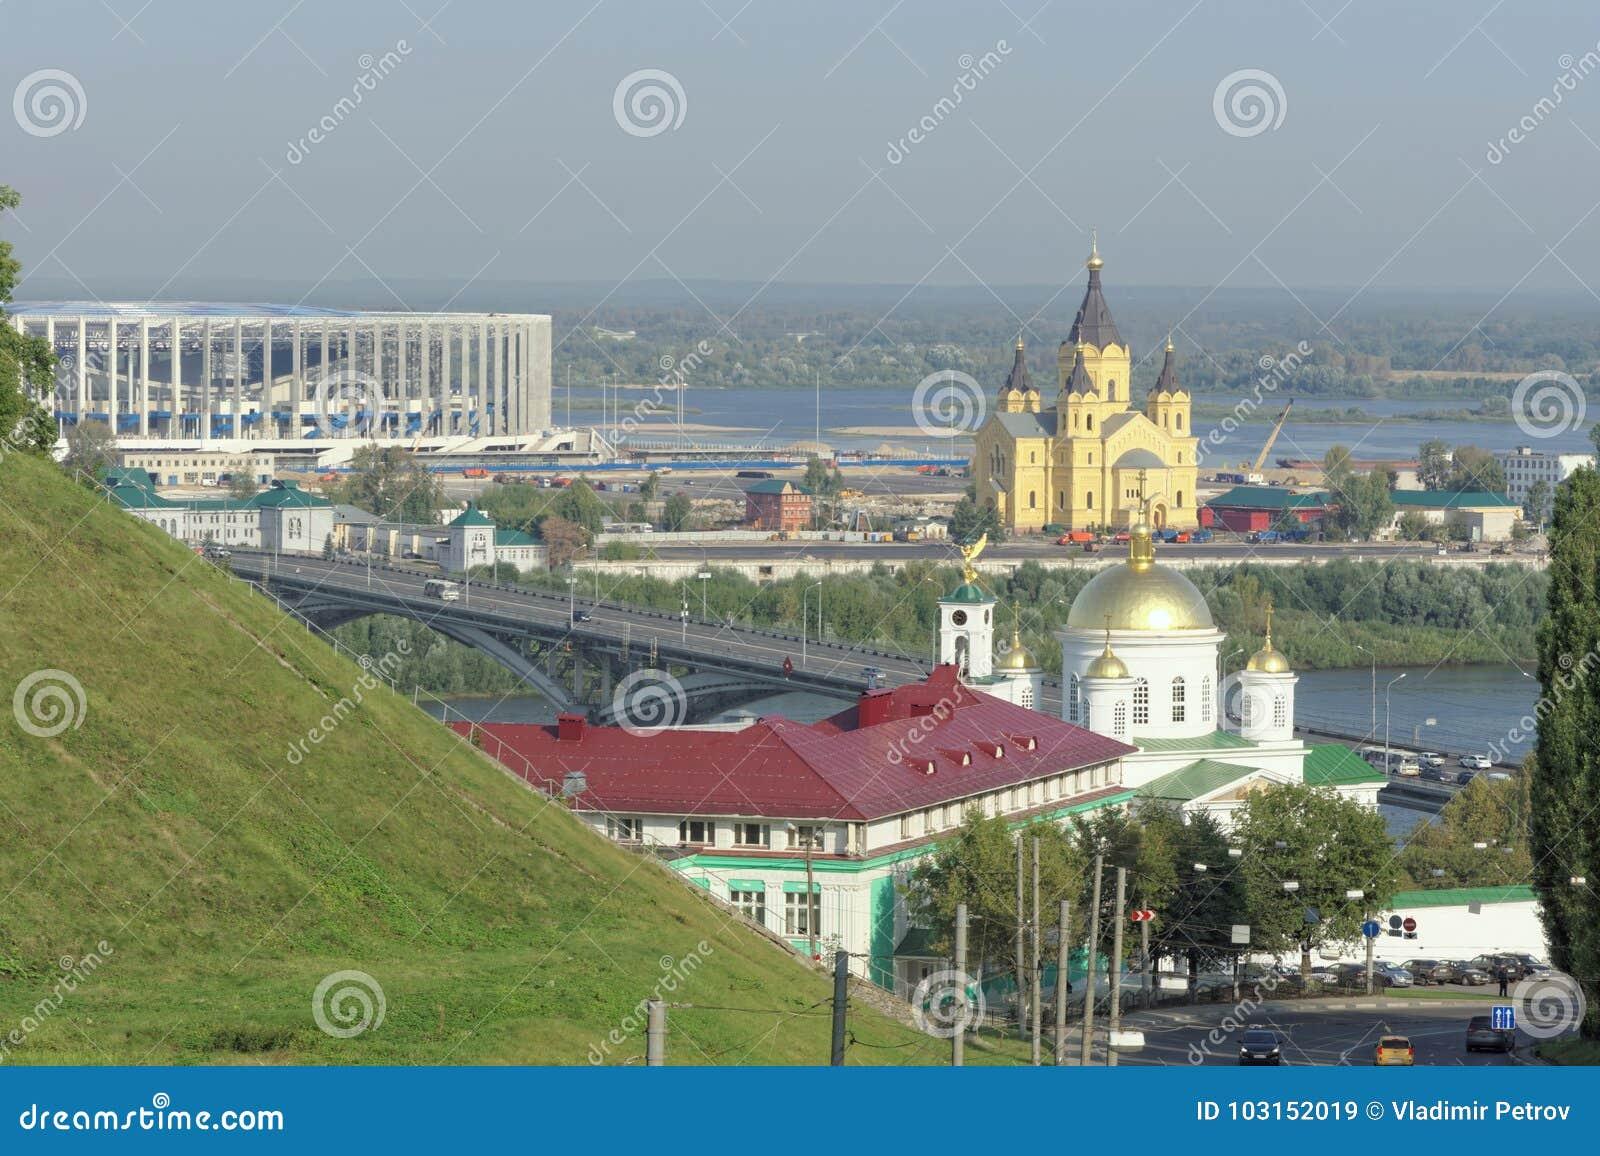 Nizhny Novgorod, Russia. - September 13.2017. View from the high bank of the Oka to the Nizhny Novgorod Theological Seminary, the